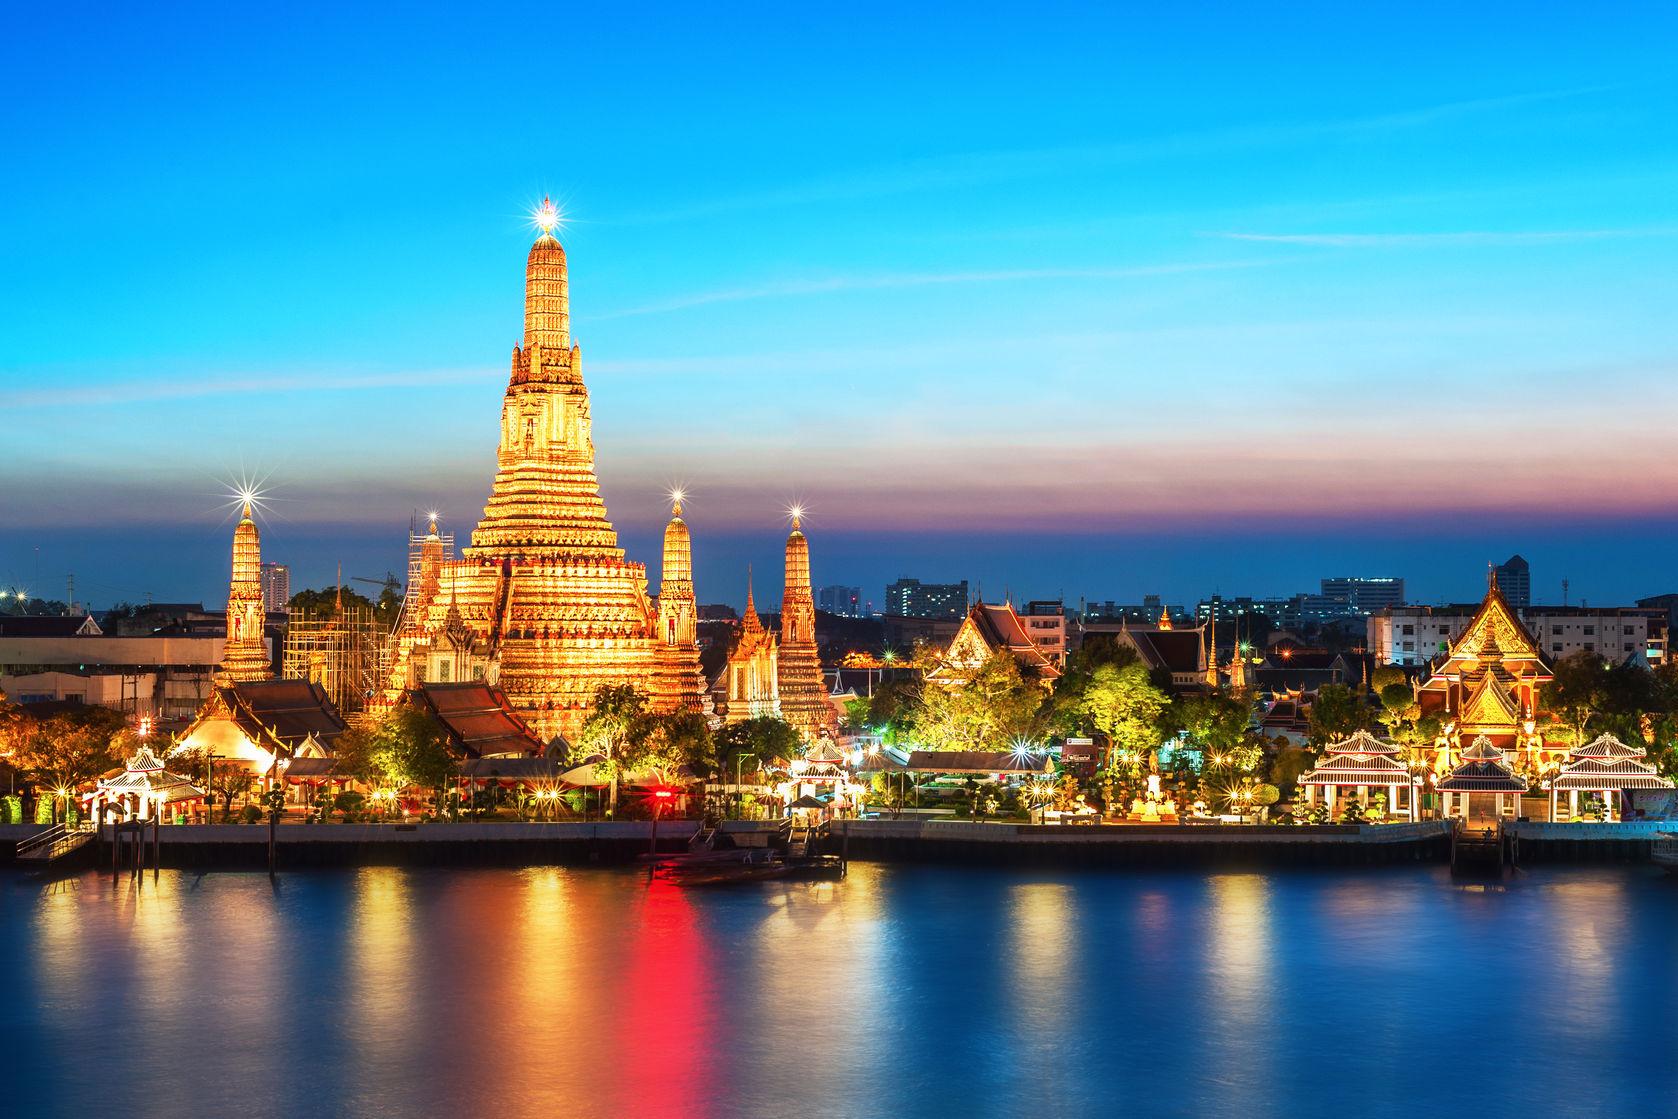 Dịch vụ chuyển phát nhanh Việt Nam đi Thái Lan an toàn, nhanh chóng, giá  rẻ. – Công ty Bưu vận chuyển phát nhanh Quốc tế Đông Dương